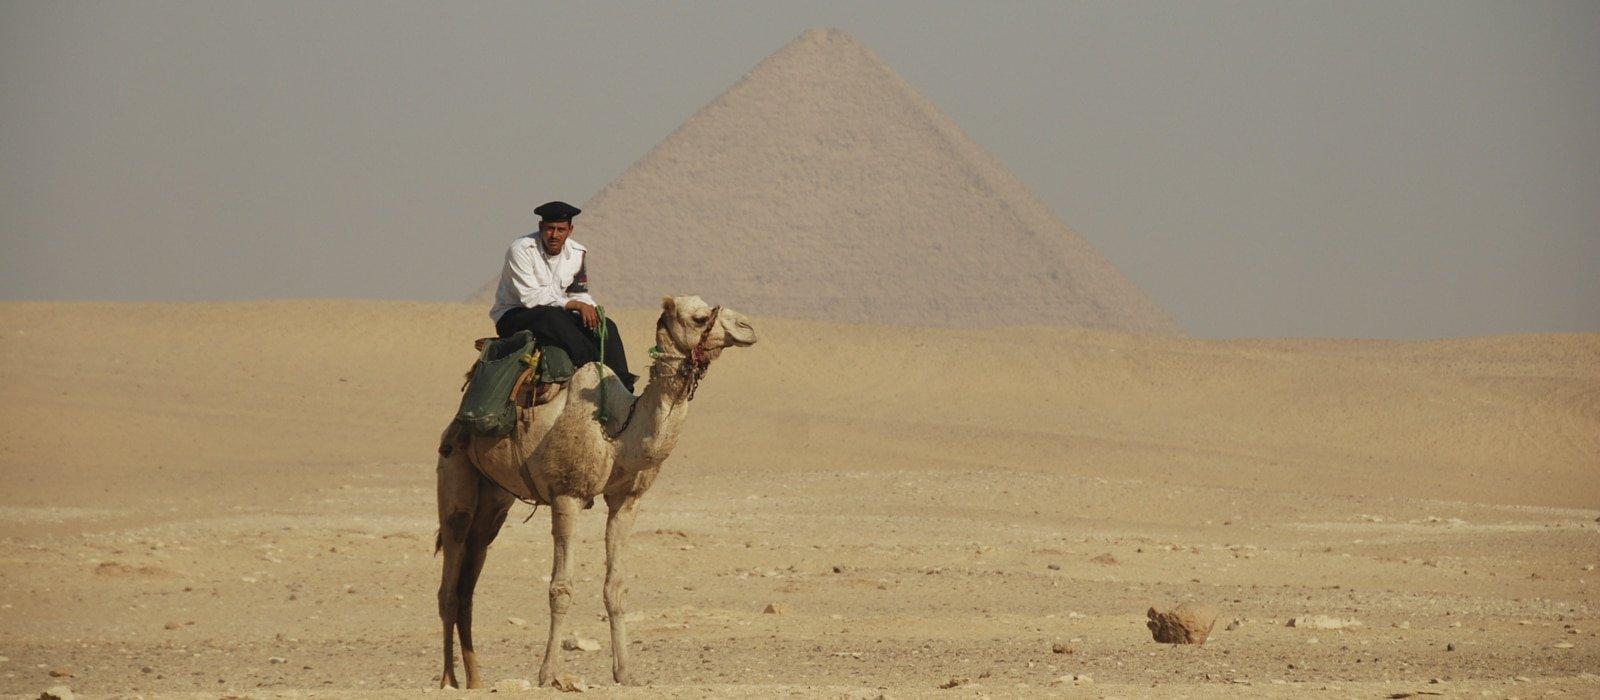 img-diapo-entete - Egypte-1600x700-8.jpg